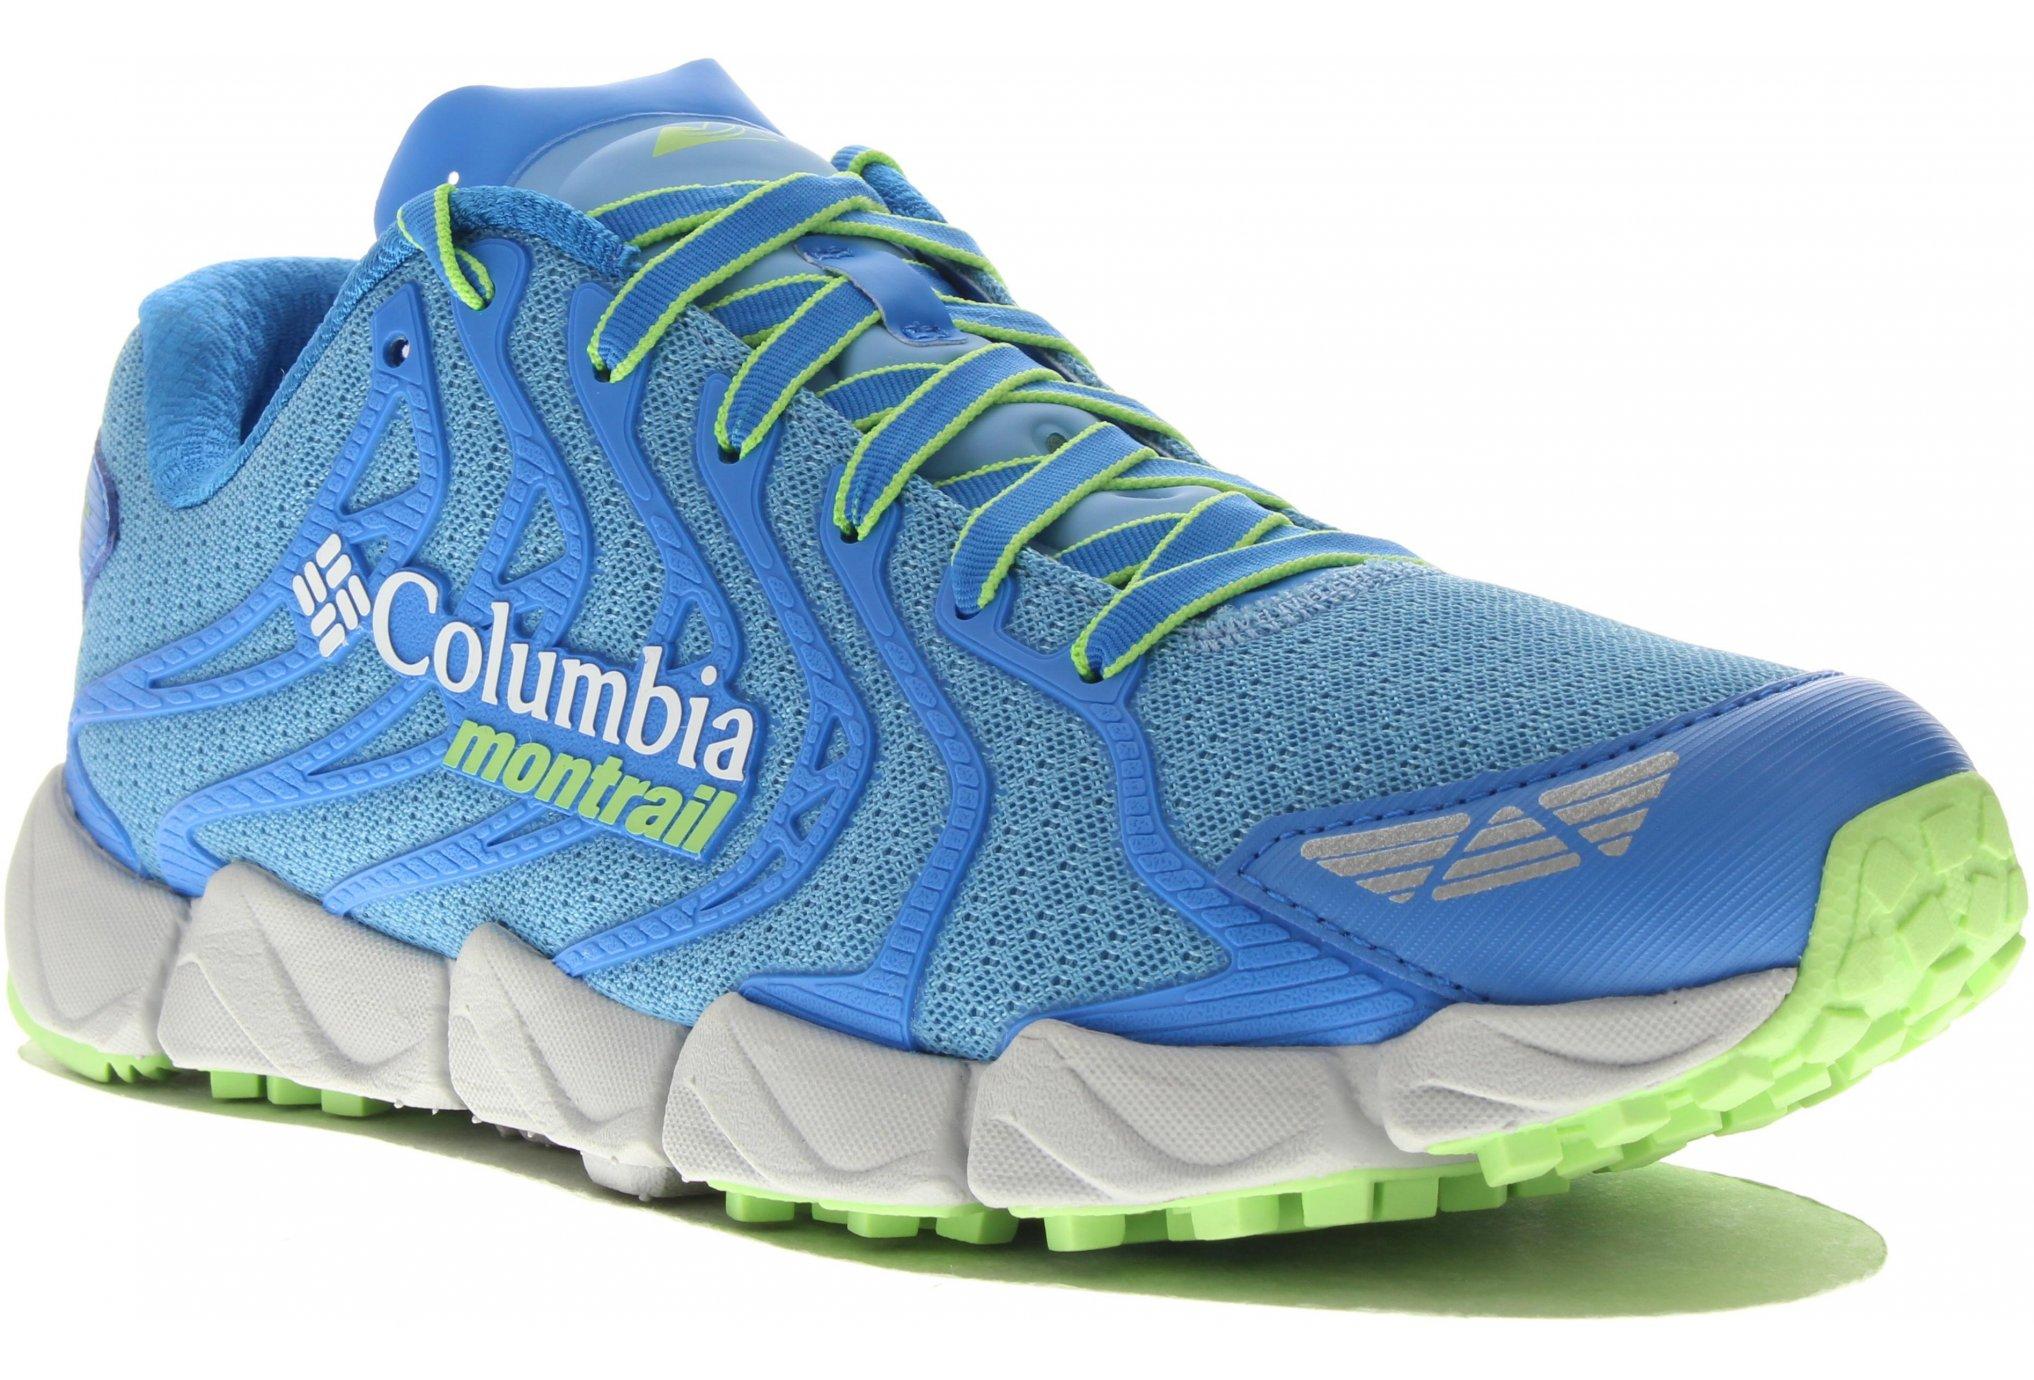 Columbia Montrail Fluidflex F.K.T. II W Diététique Chaussures femme